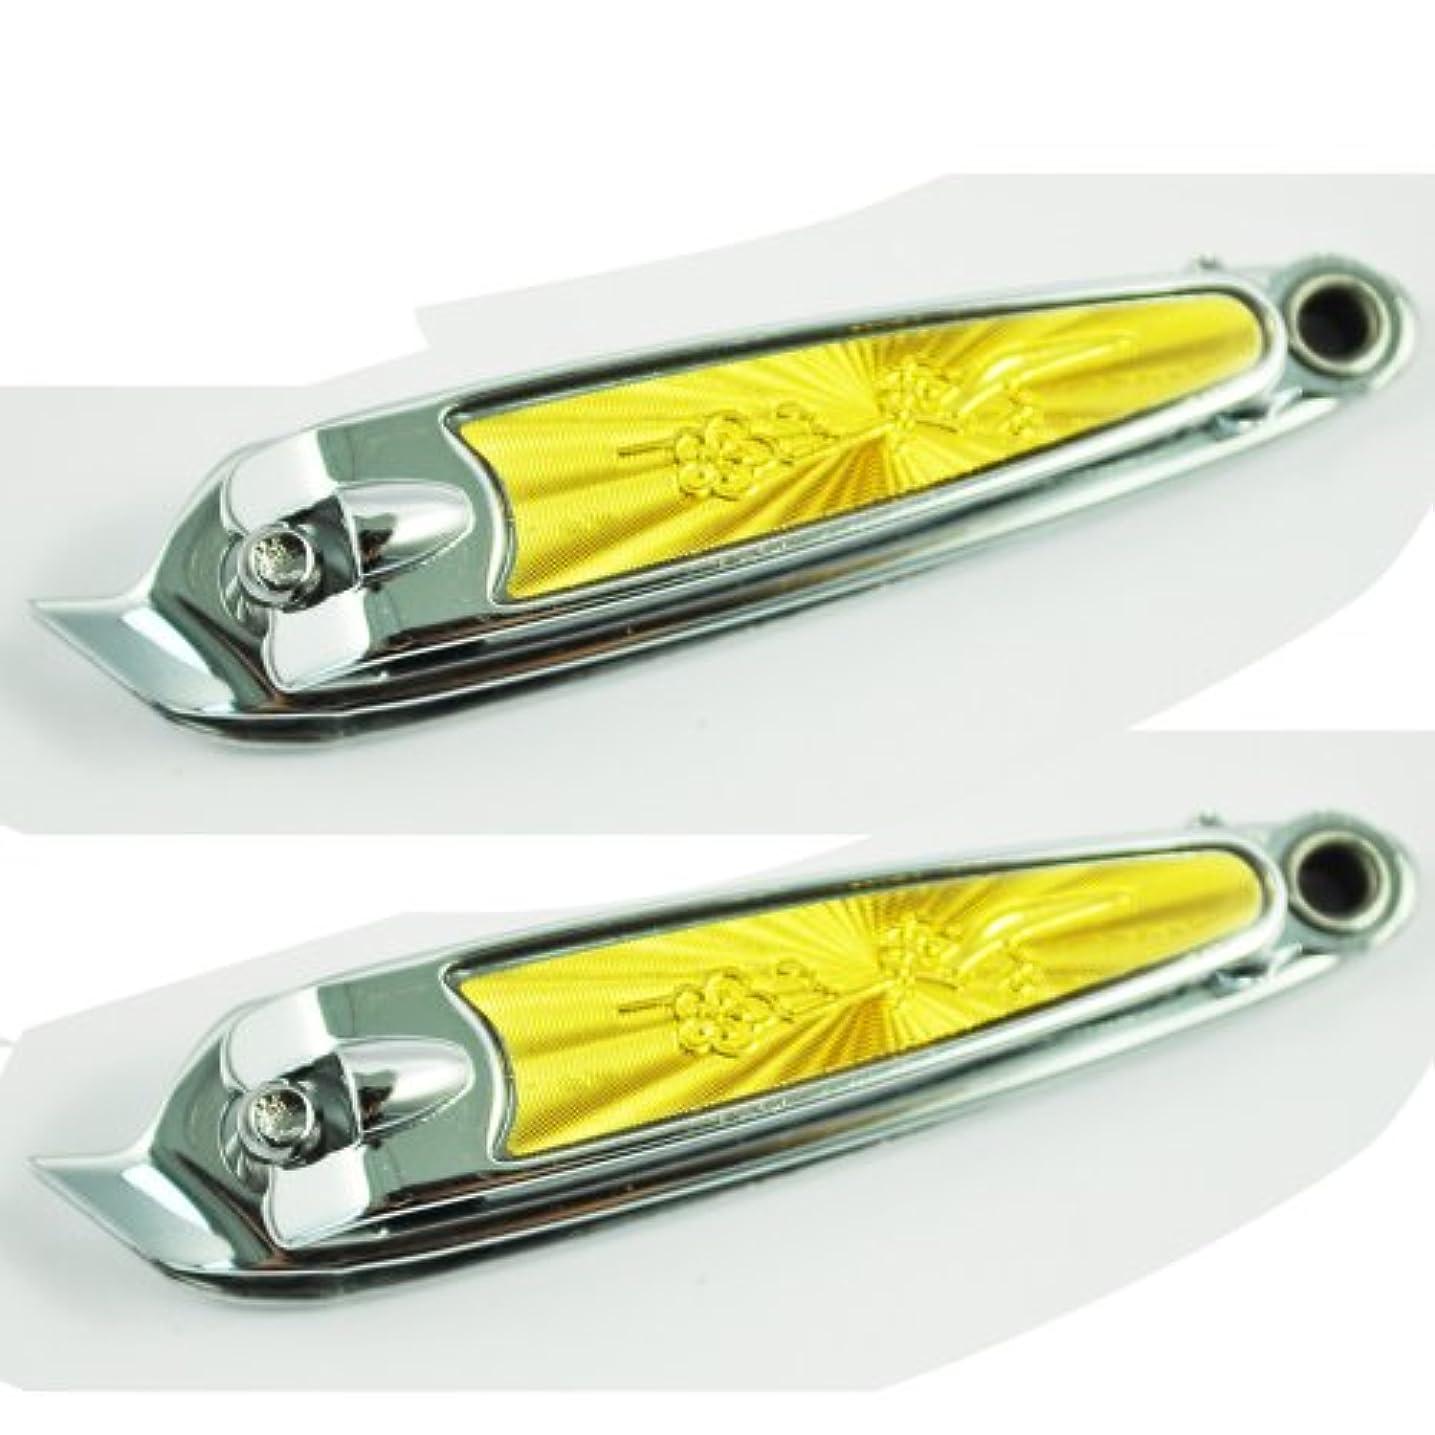 出会いカナダツメ切り,SODIAL(R) 斜め口デザインフィンガーネイルクリッパーカッターx2